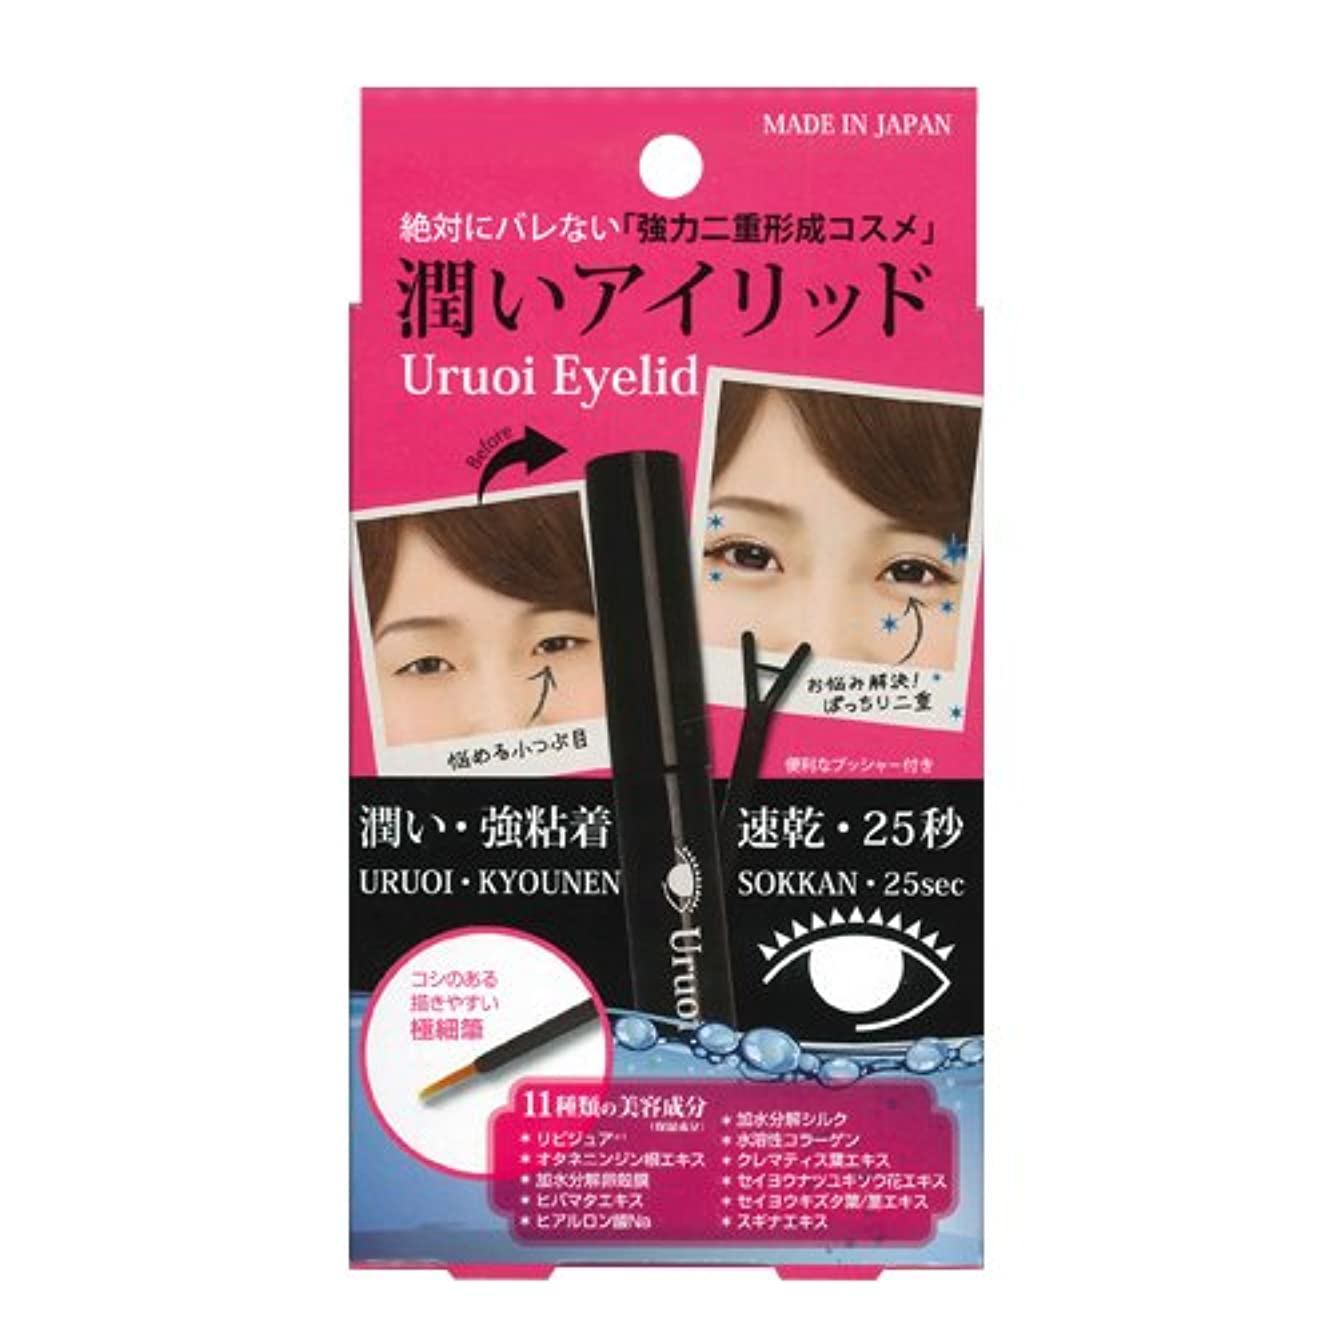 霧深いシルク興奮する二重形成化粧品 潤いアイリッド(Uruoi Eyelid)